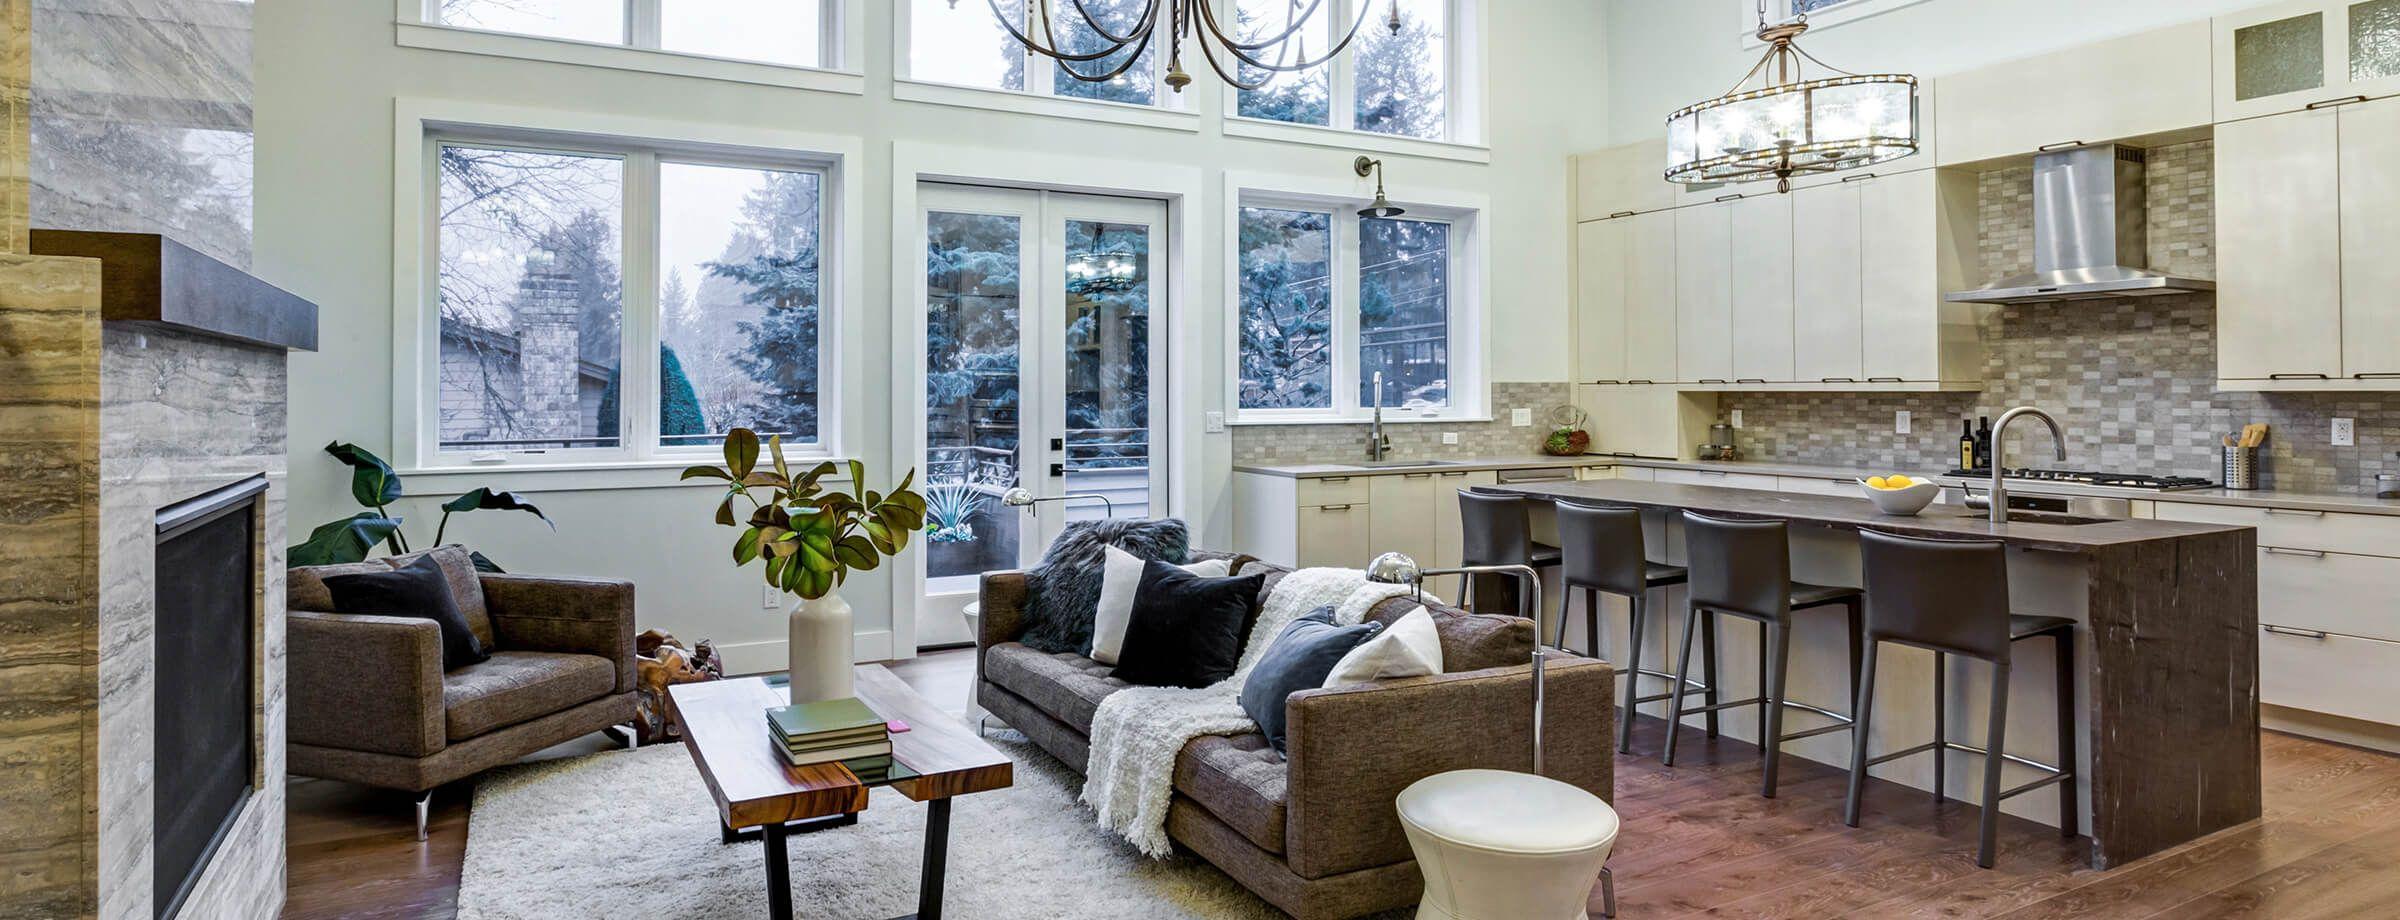 Bay Area Furniture Bank | Mandana Simai